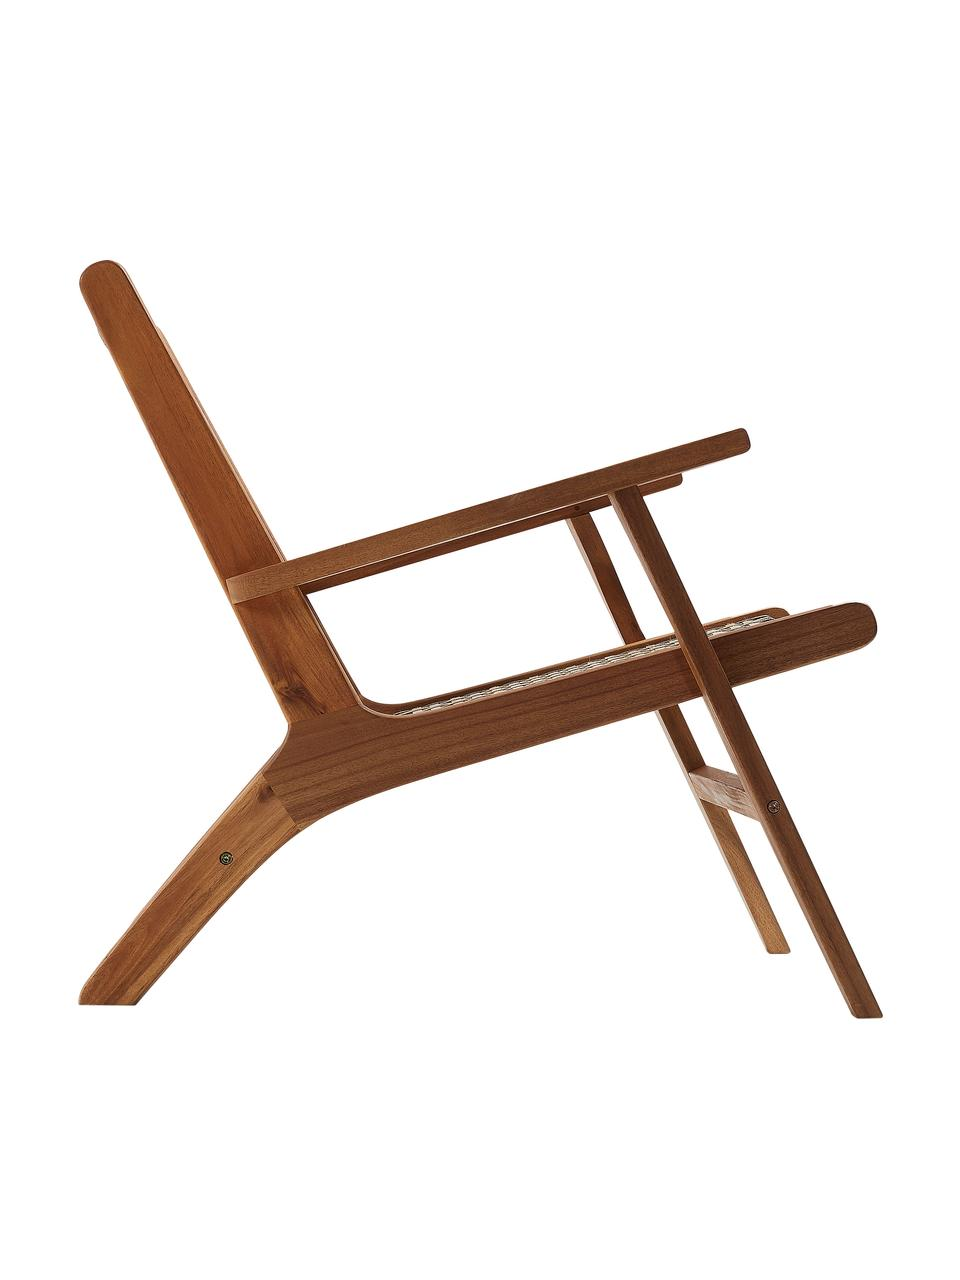 Sedia a poltrona intrecciata Noon, Struttura: legno di acacia massiccio, Legno di acacia, Larg. 68 x Prof. 80 cm